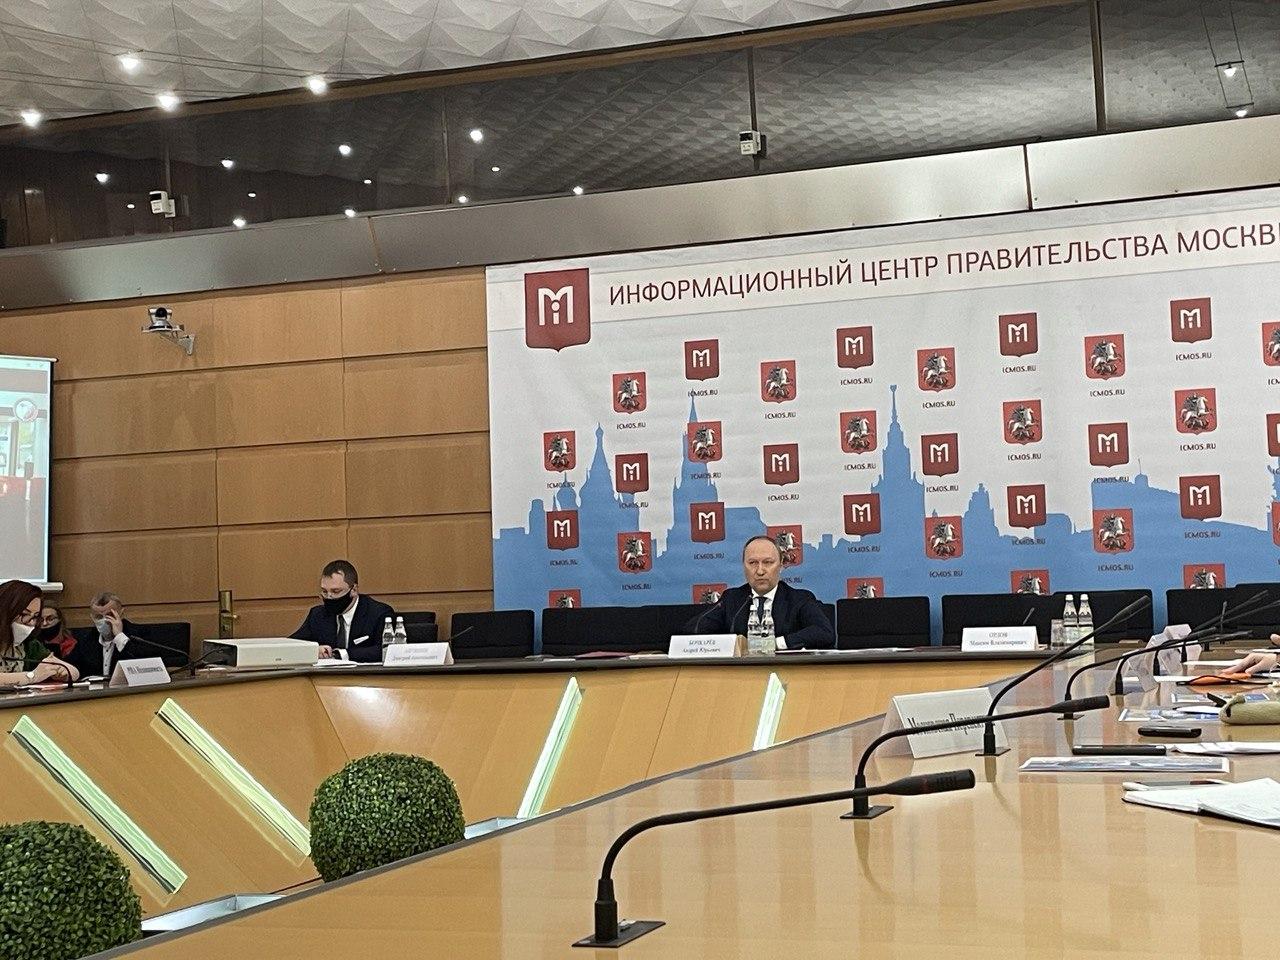 Итоги градостроительной политики подвели в Информационном центре Правительства Москвы